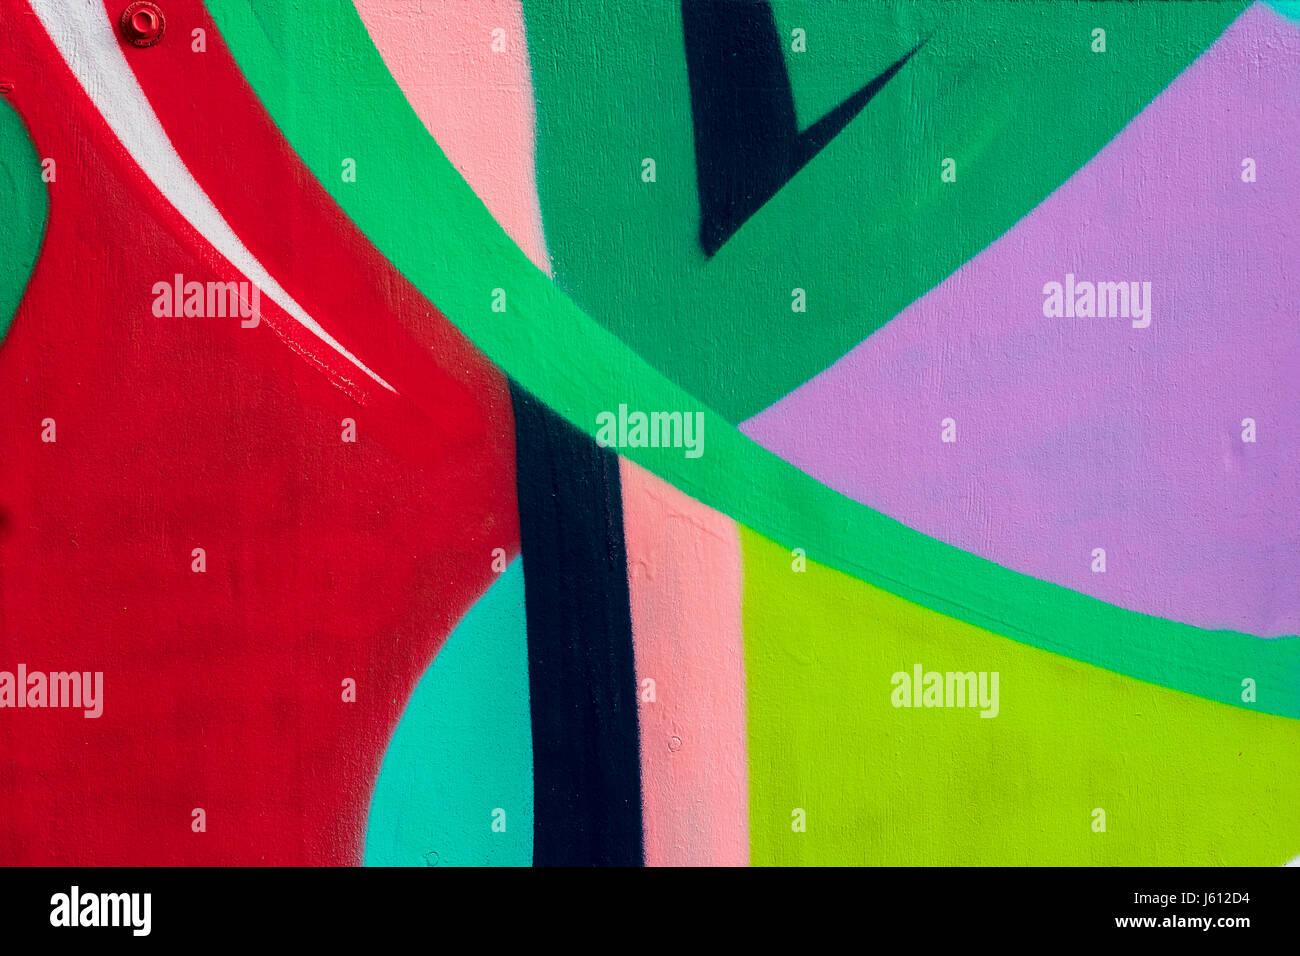 Fragmento de pared brillante con detalle de graffiti, Street art. abstracto Dibujo creativo colores de moda. Moderno, Imagen De Stock